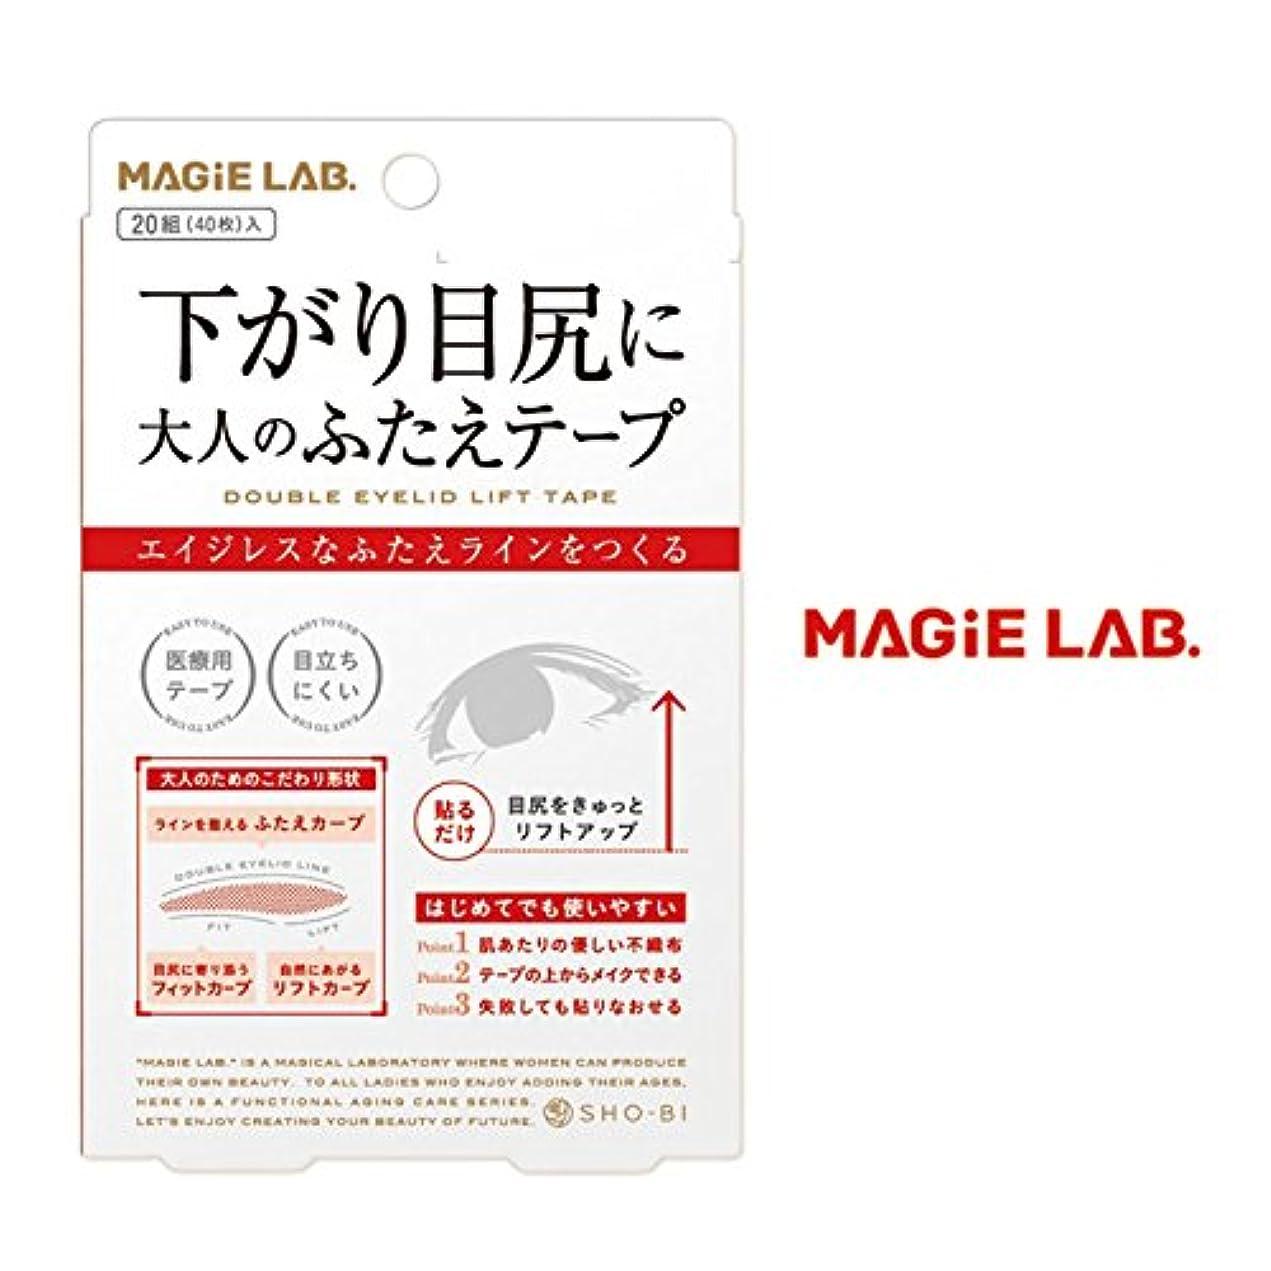 絶滅不純実行するMAGiE LAB.(マジラボ) 大人のふたえテープ 20組(40枚)入 MG22105